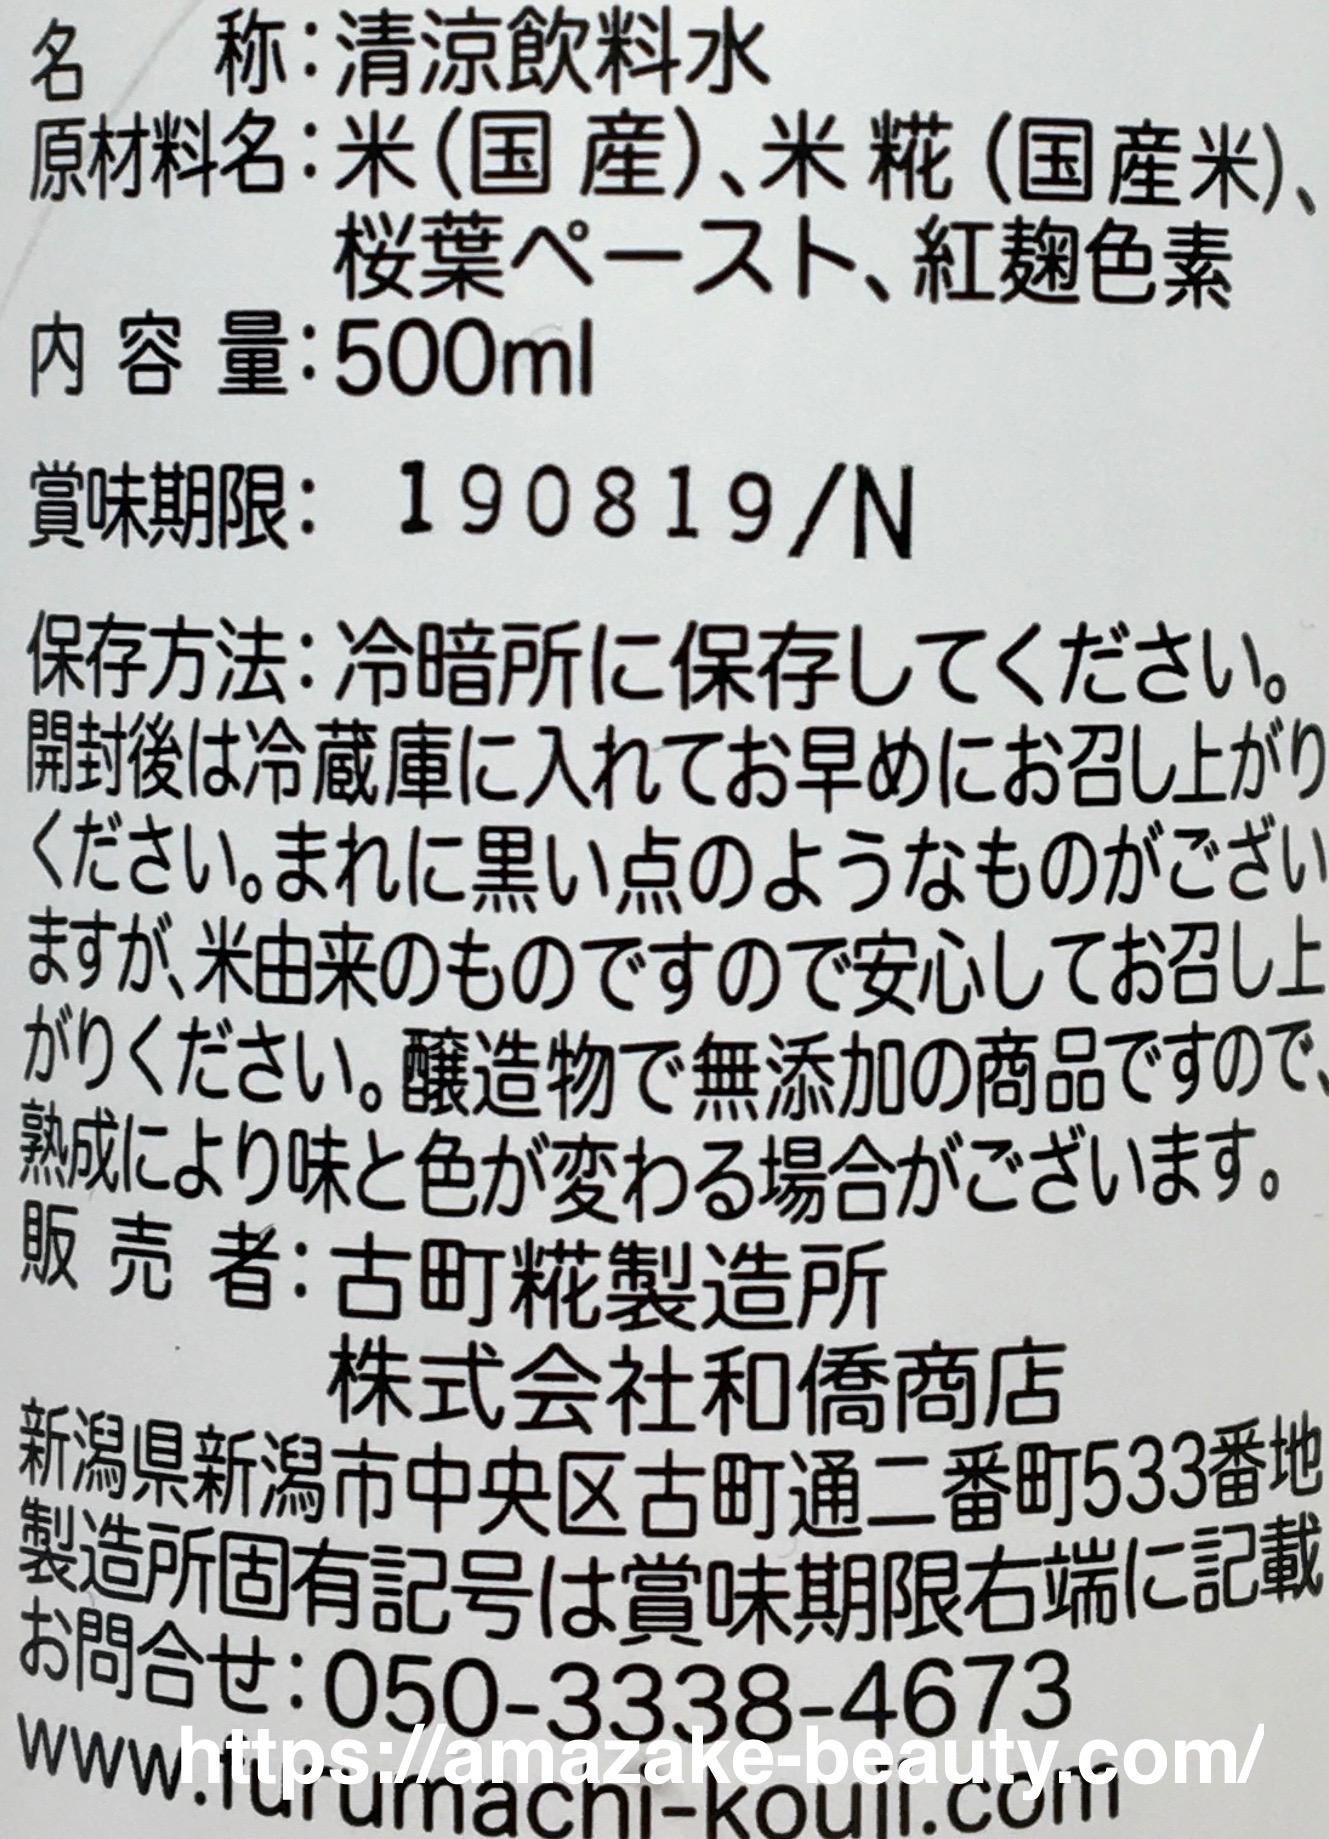 【甘酒】古町糀製造所『サクラサク』